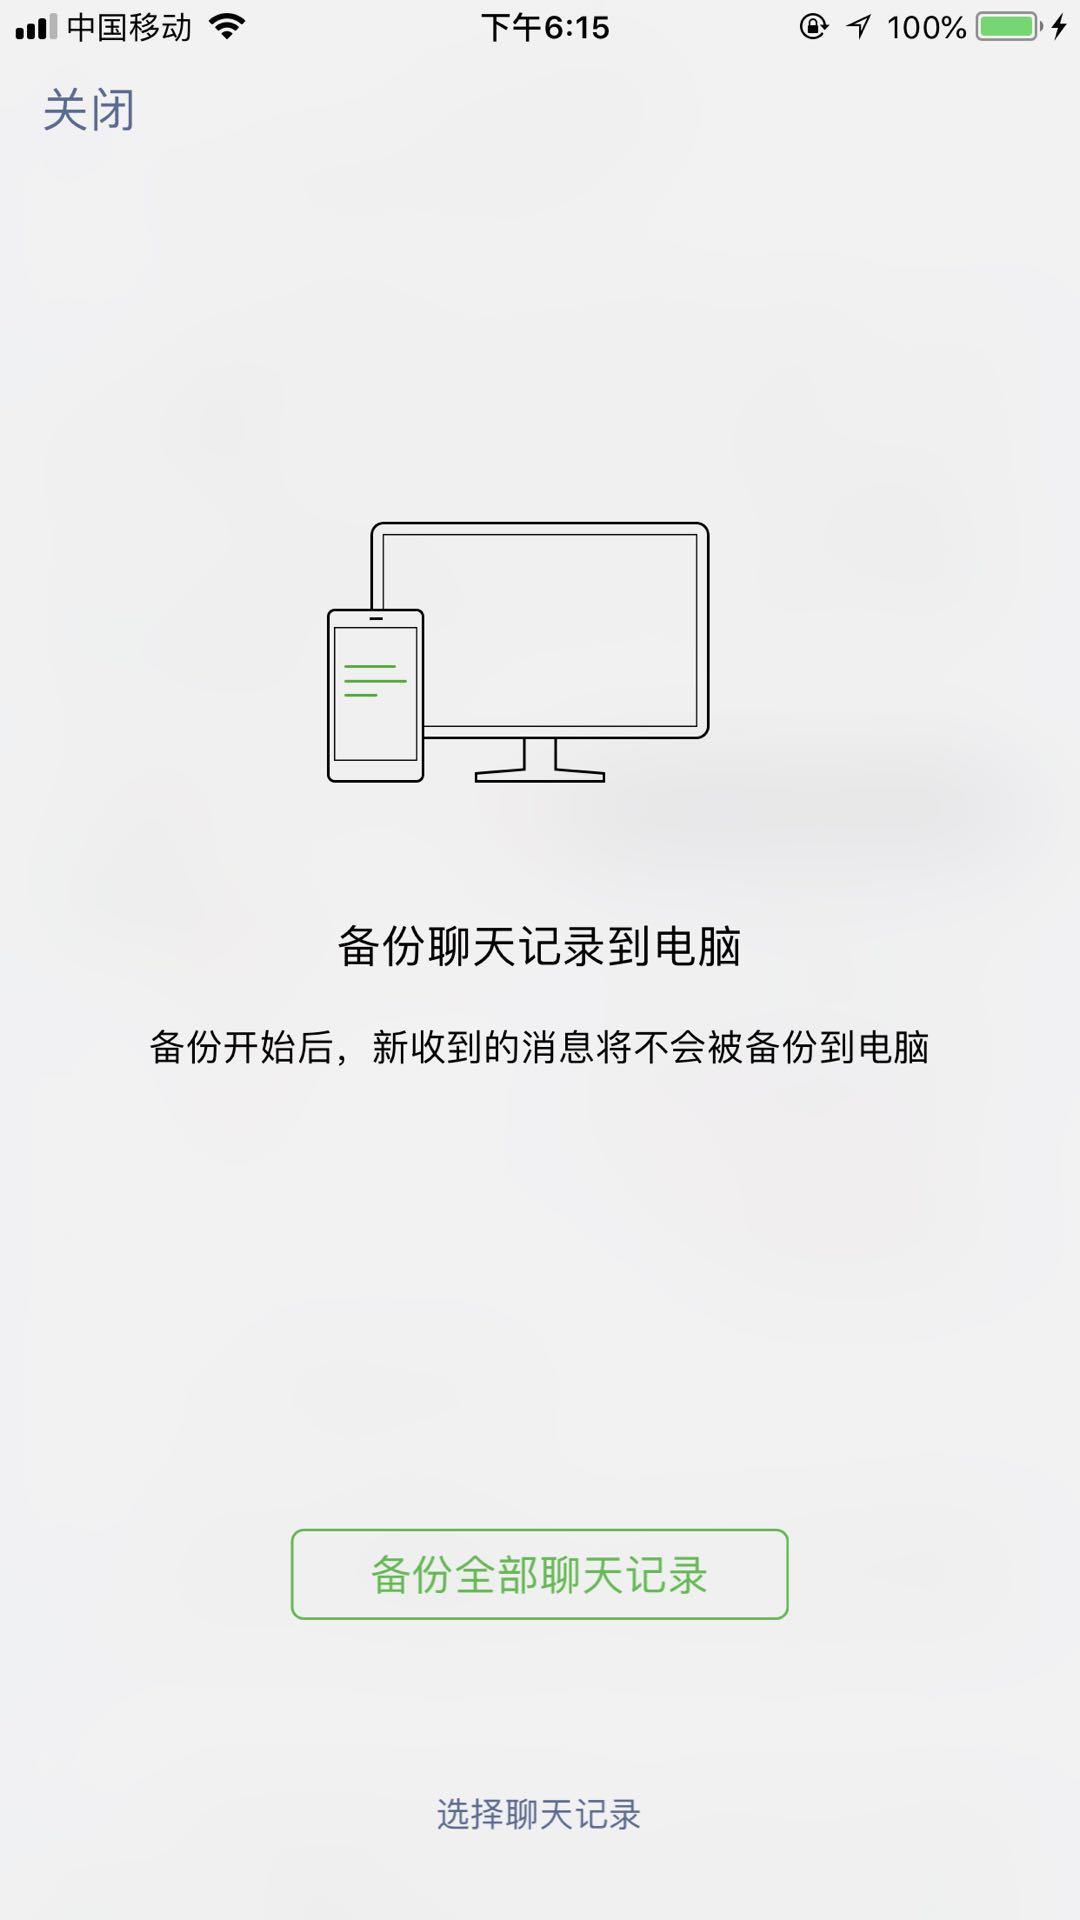 微信怎么恢复删除的聊天记录?恢复方法介绍